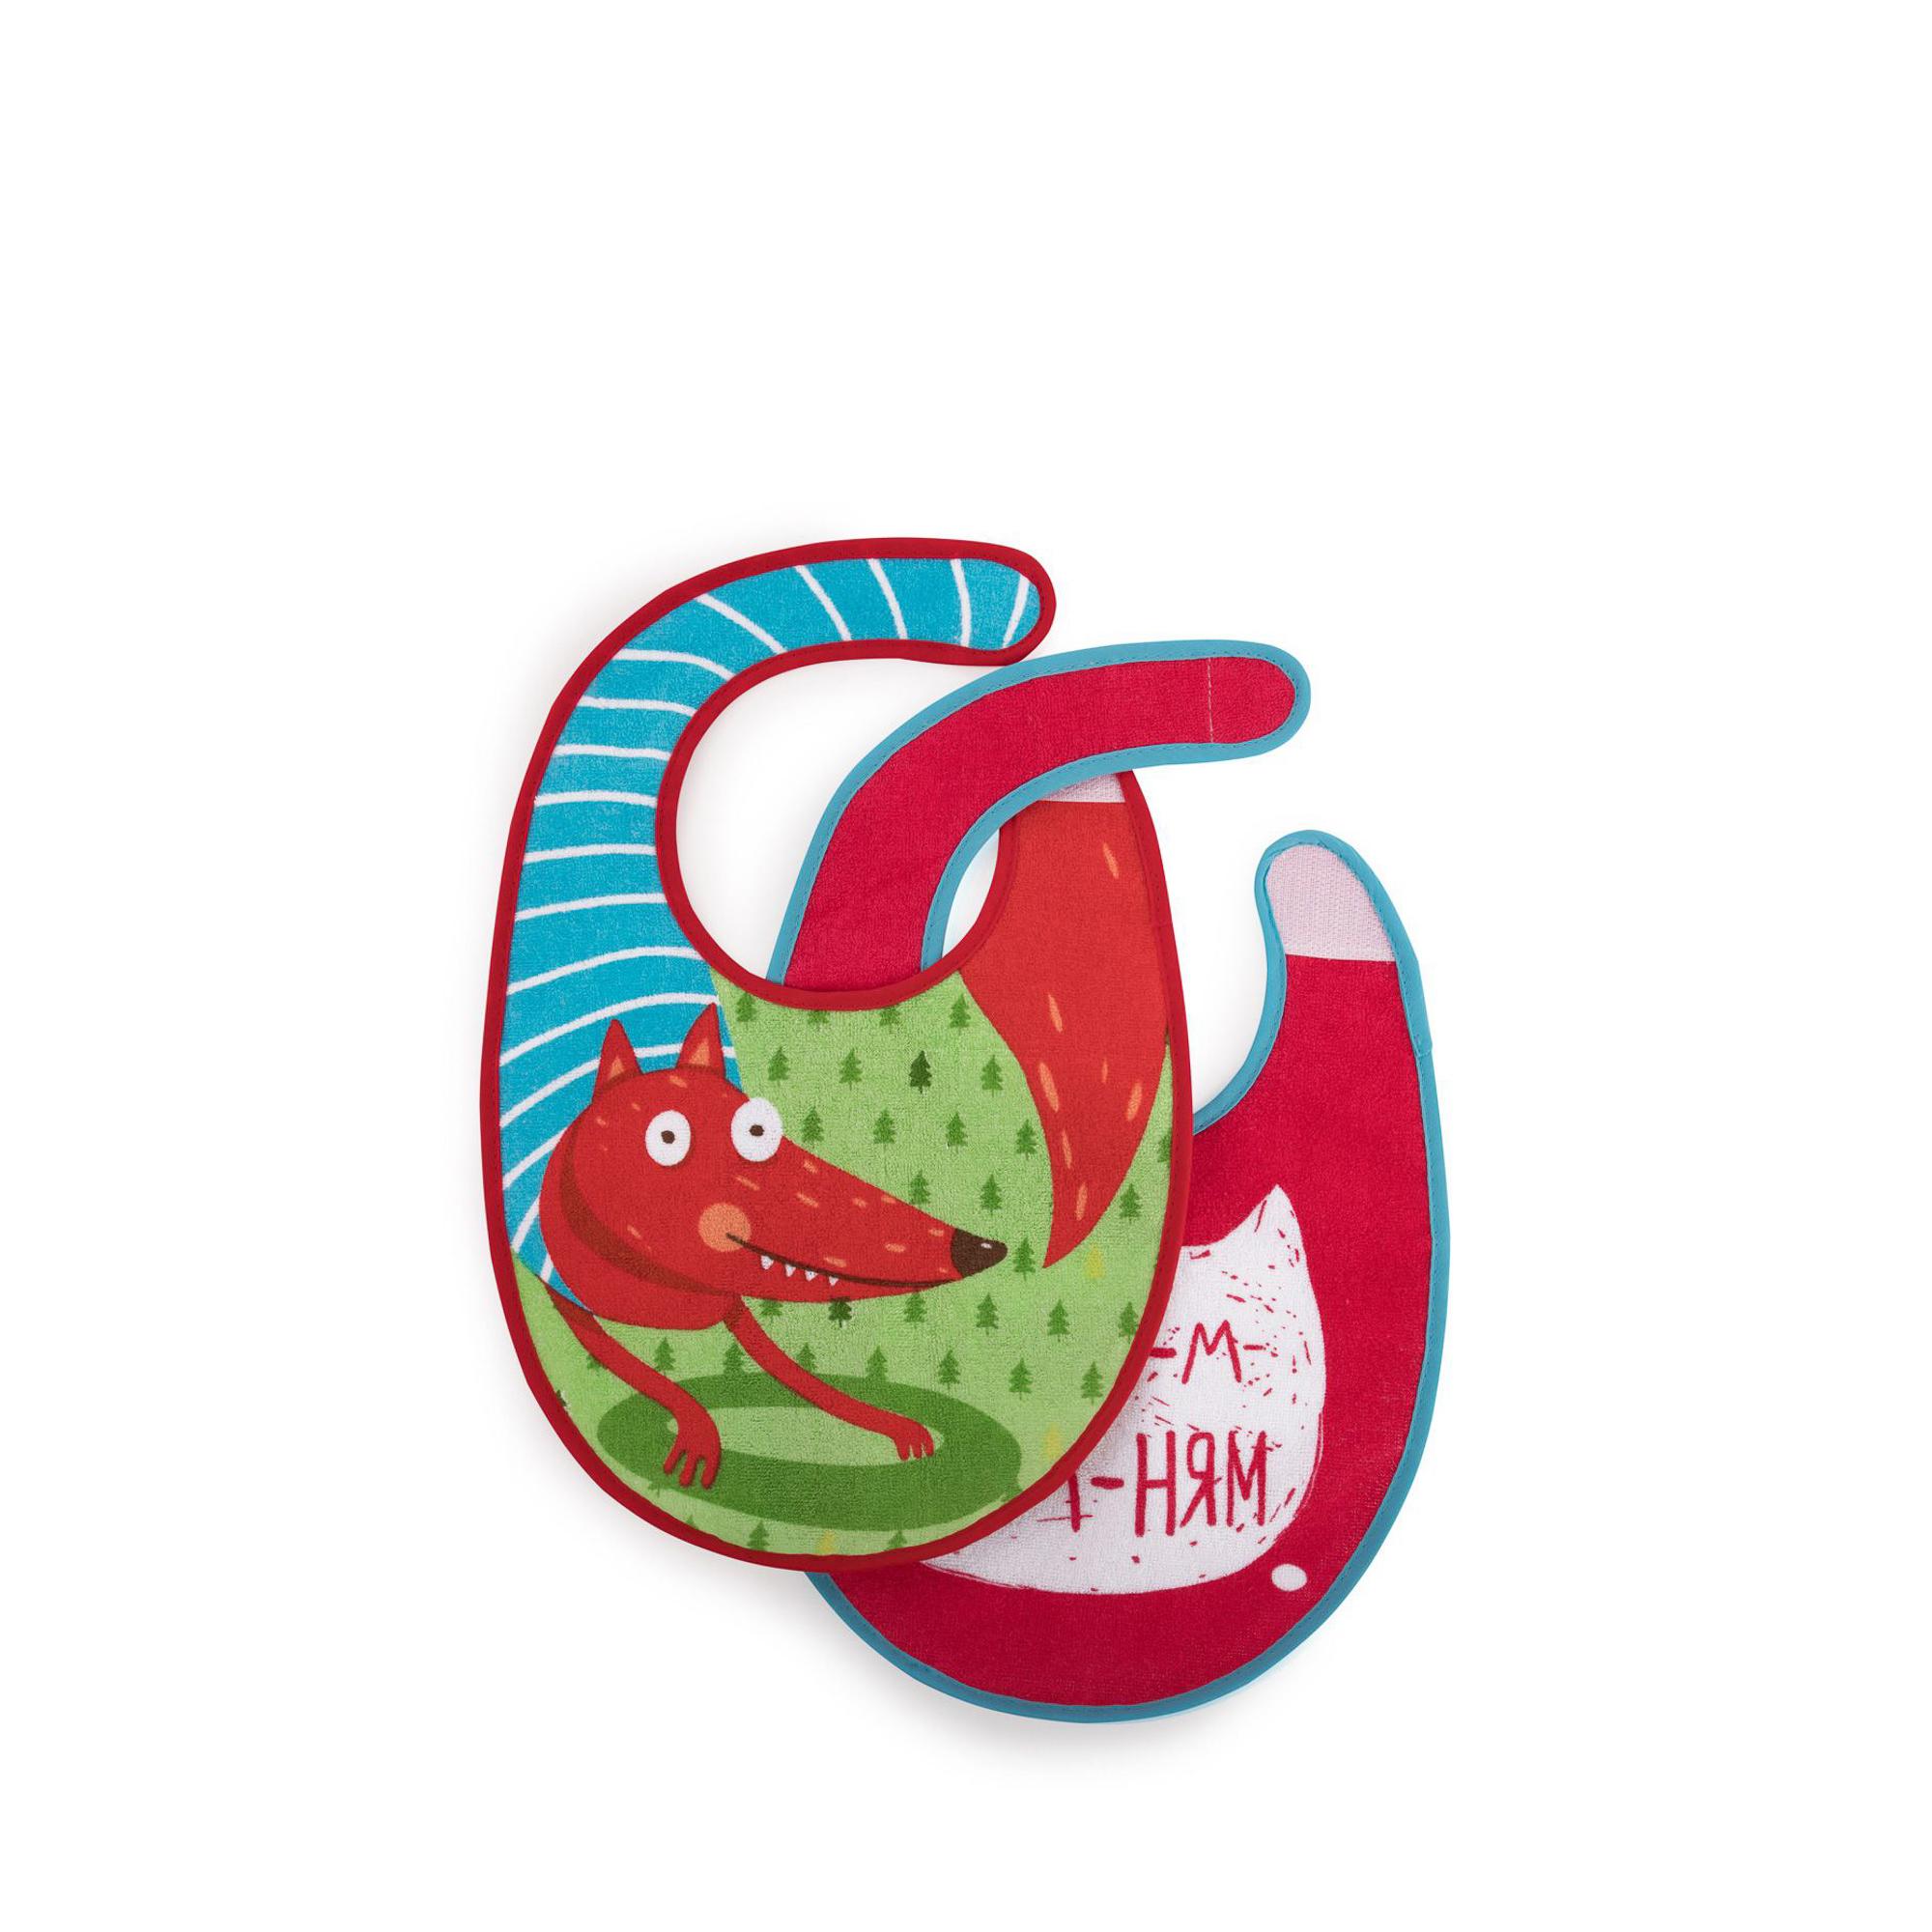 Купить Набор нагрудных фартуков Happy Baby Fox от 3 мес, Китай, зеленый, розовый, хлопок, этилвинилацетат, полиэстер, Детская посуда и аксессуары